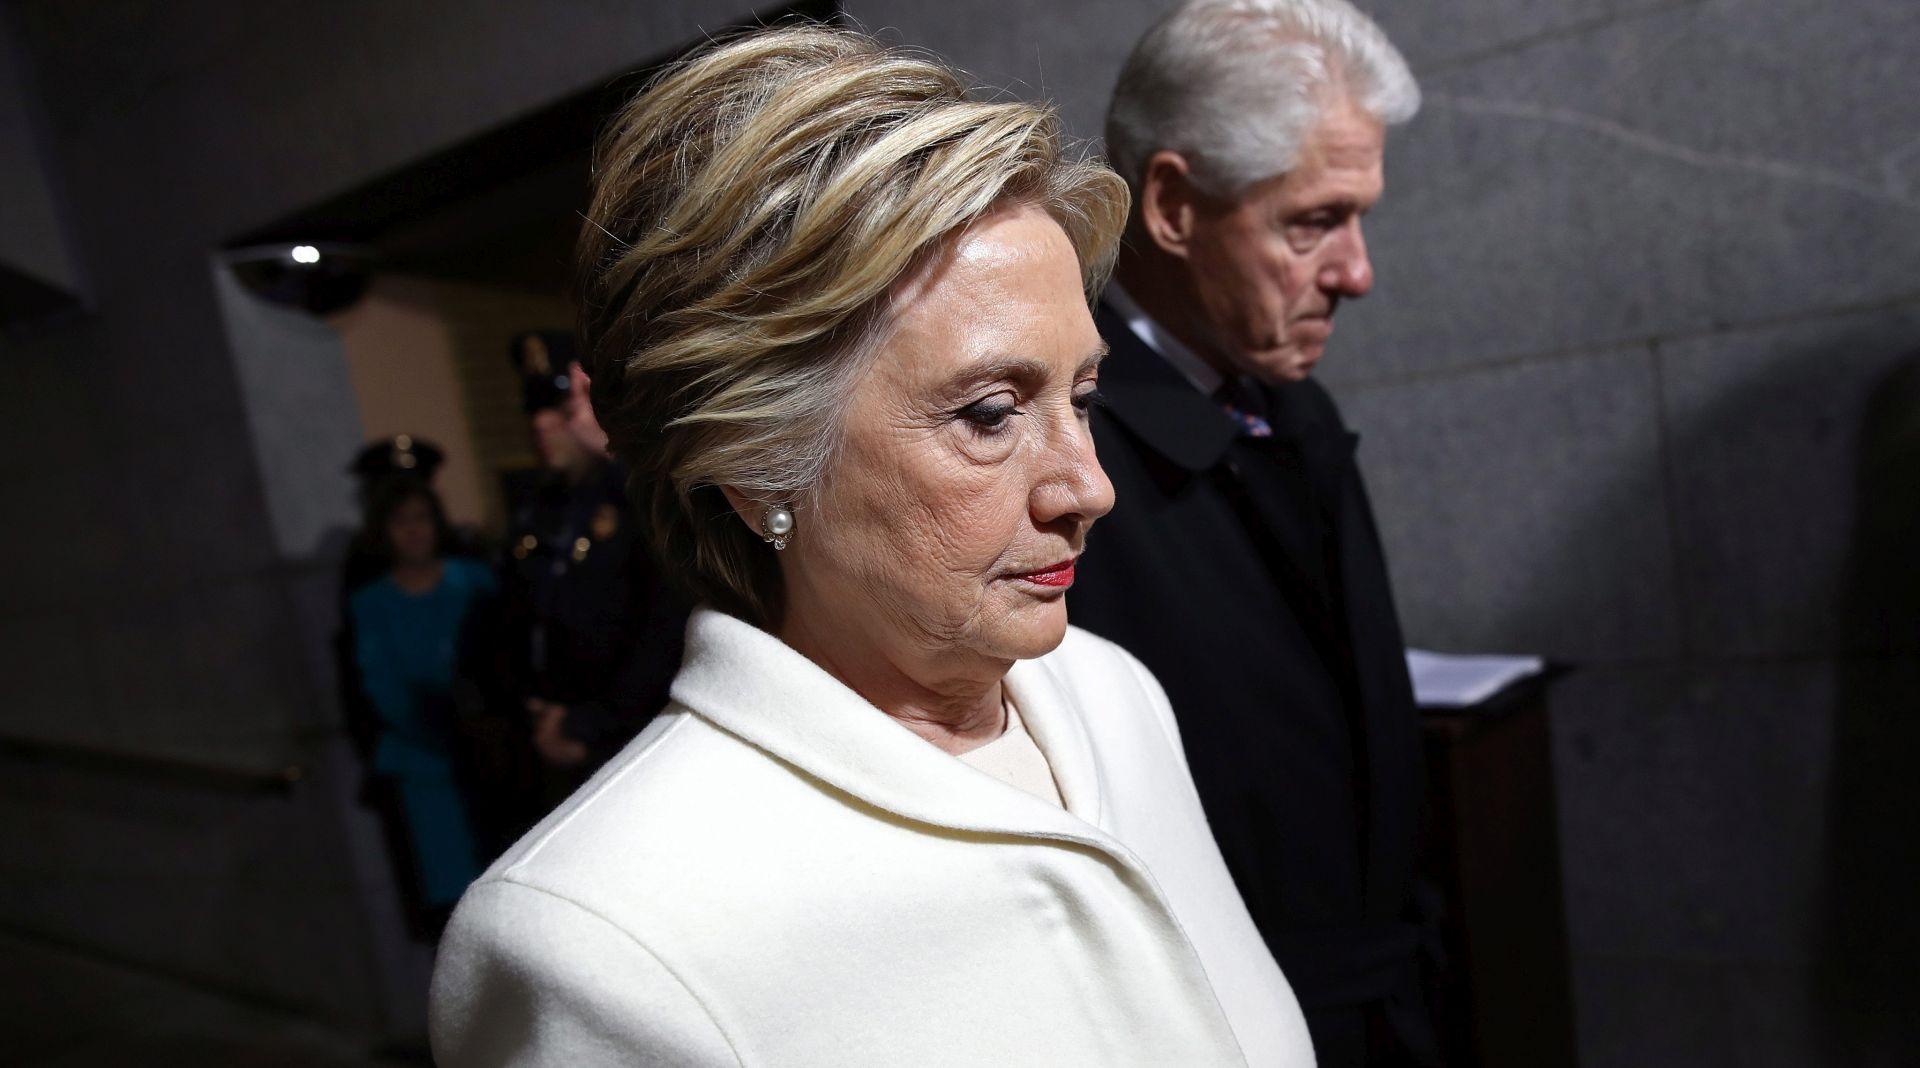 Clinton smatra da je izgubila izbore zbog ruskih hakera i FBI-jeve istrage